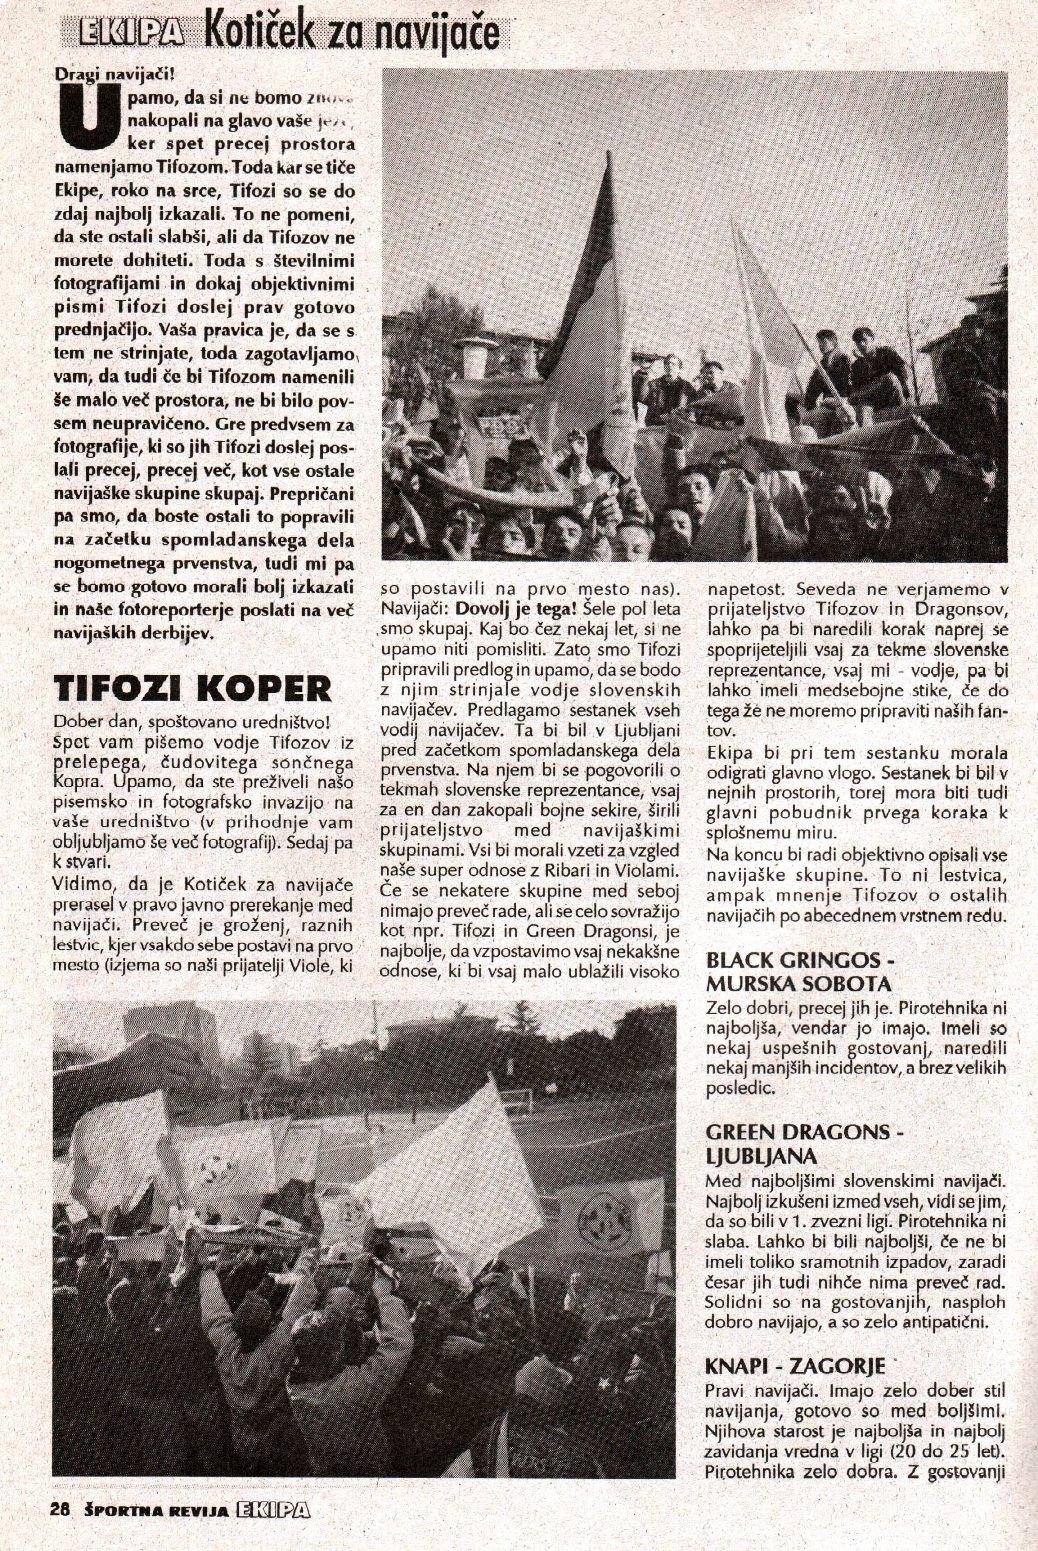 KZN10-1_11_2_1992